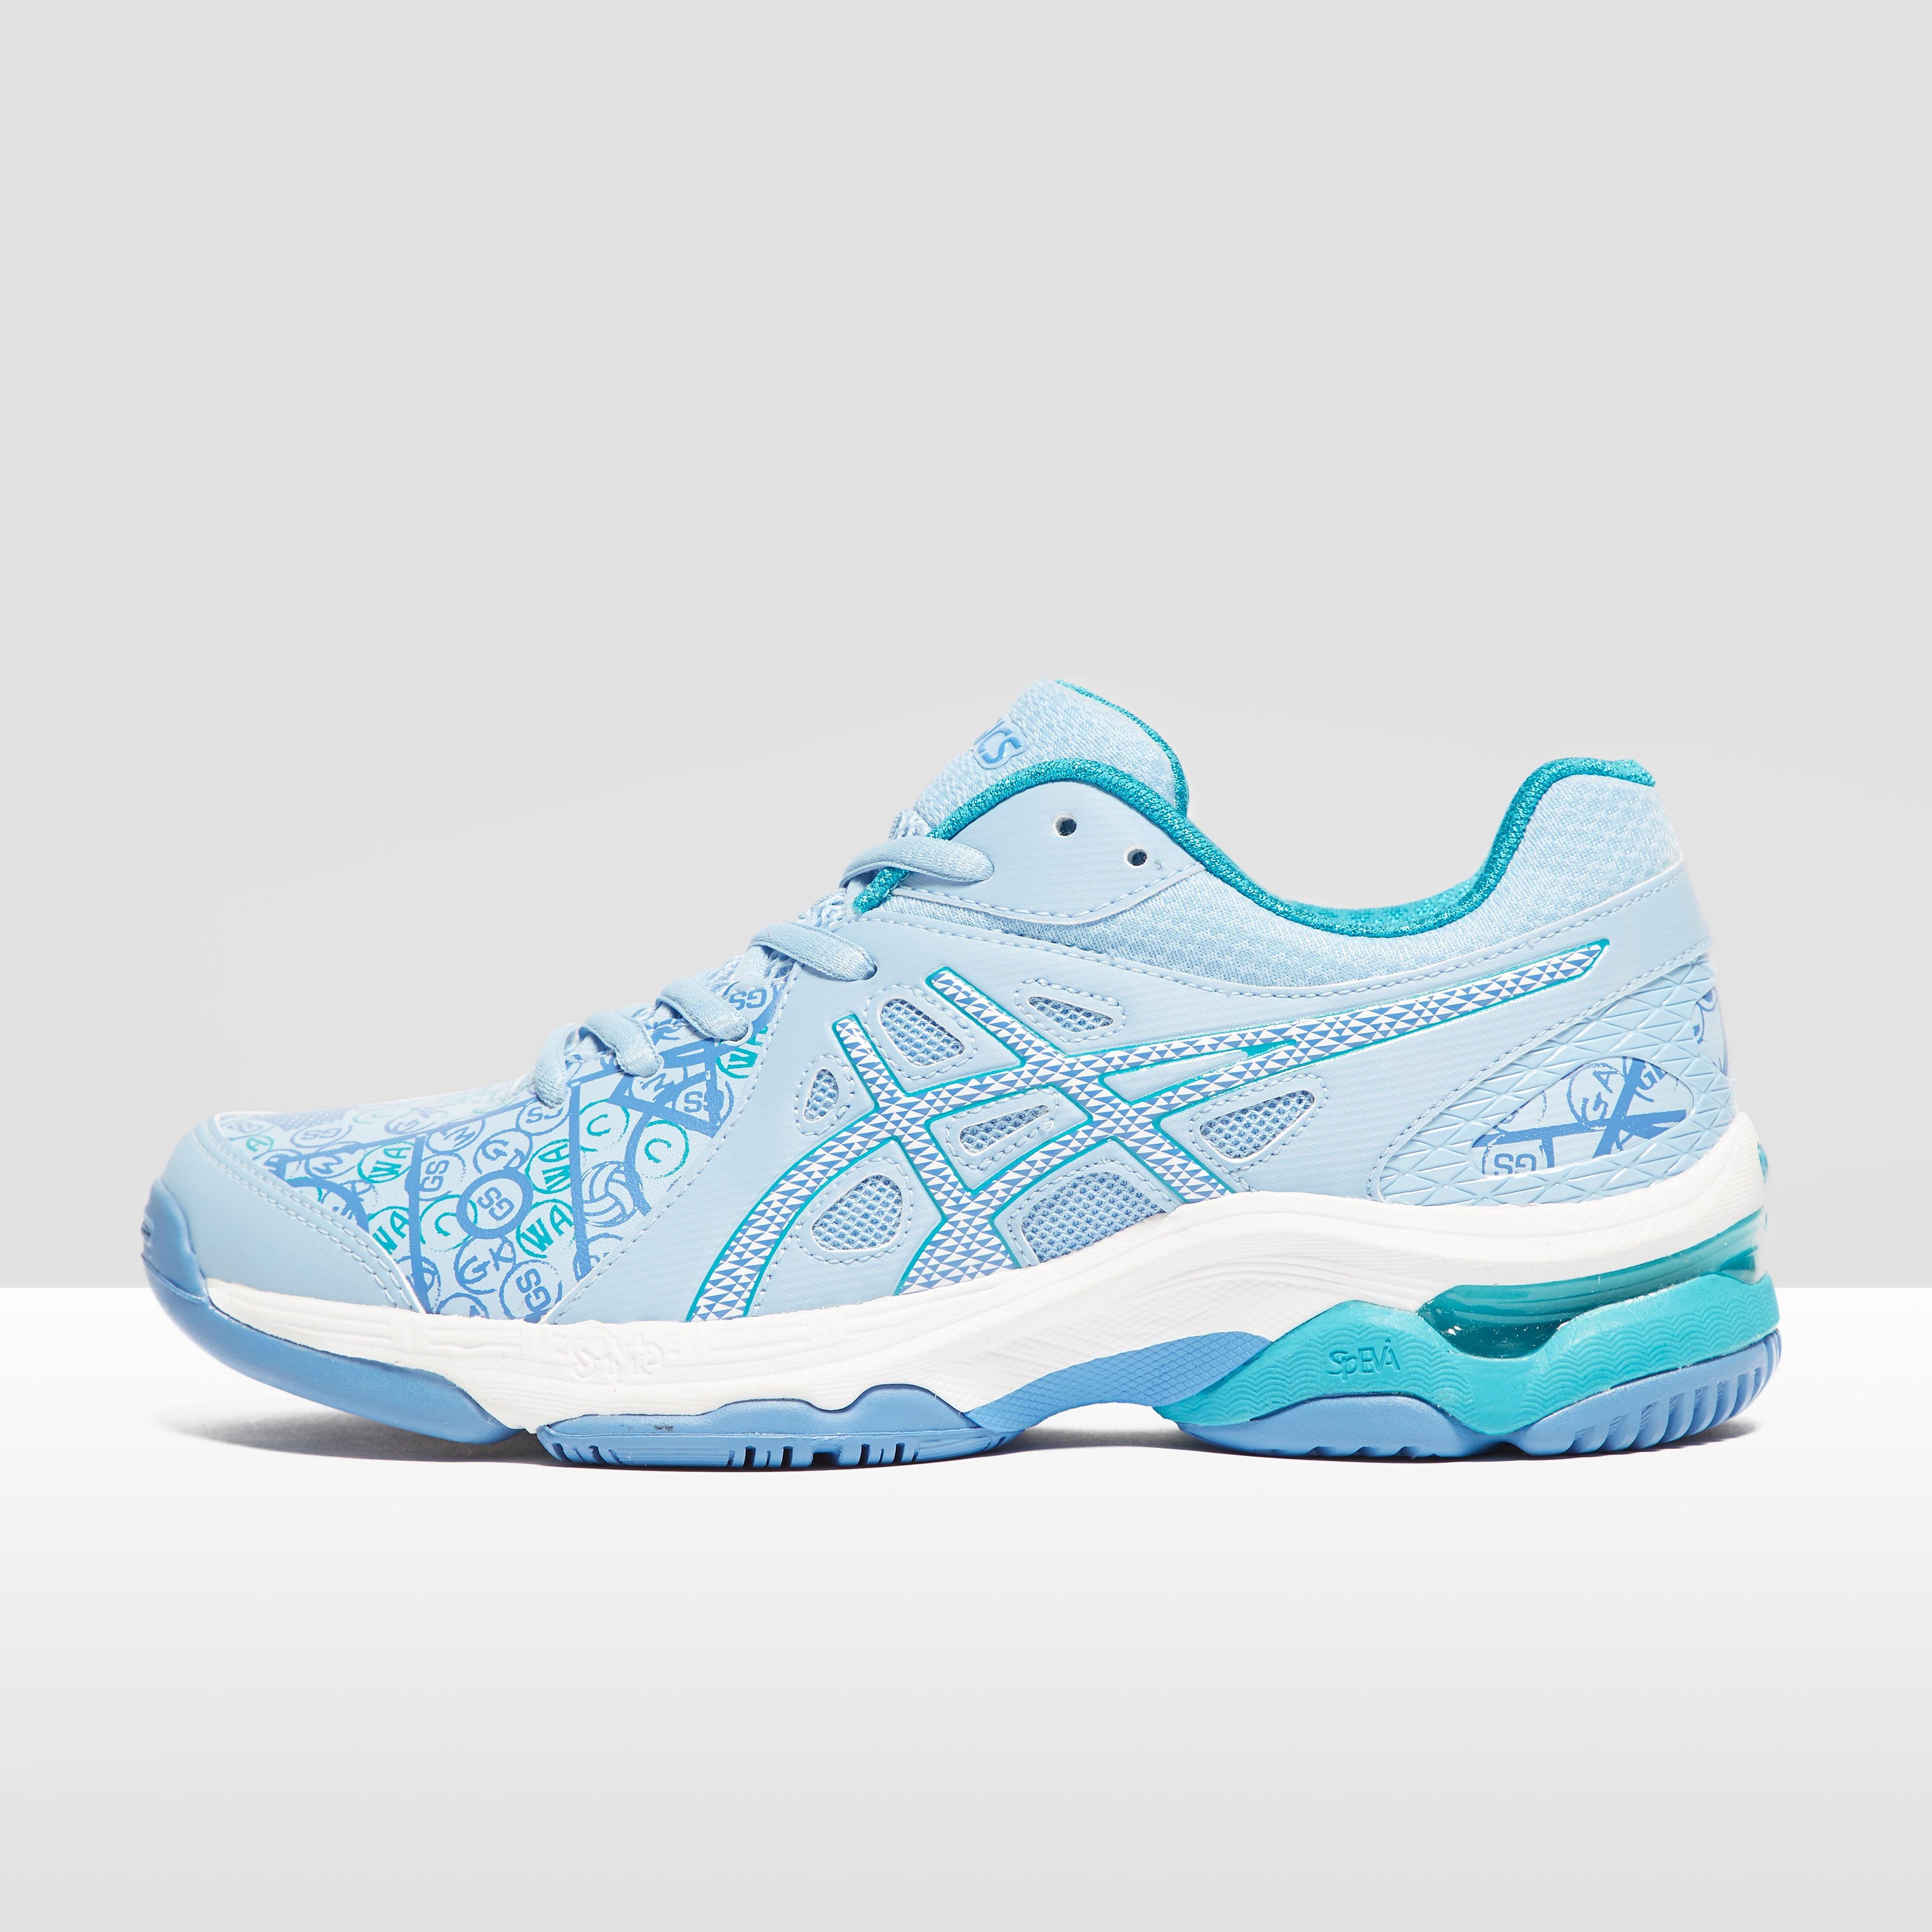 ASICS GEL-Netburner Academy 7 Women's Netball Shoes